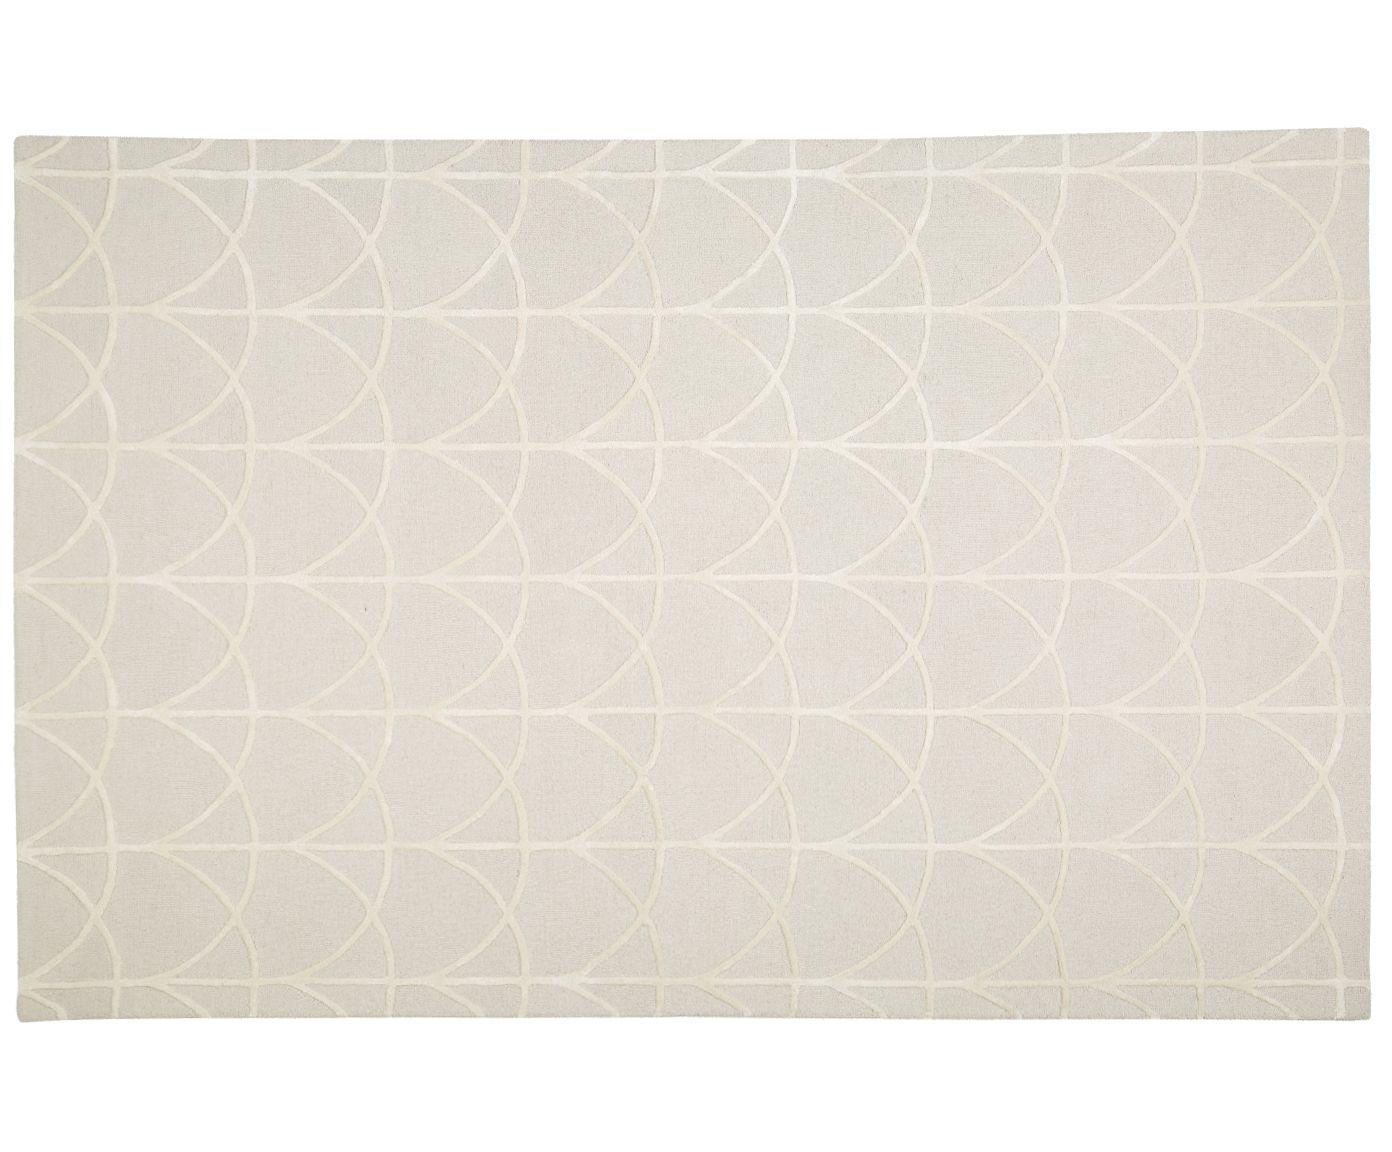 Handgetufteter Teppich Shane   Pinterest   Teppiche, Vorhänge und Wolke